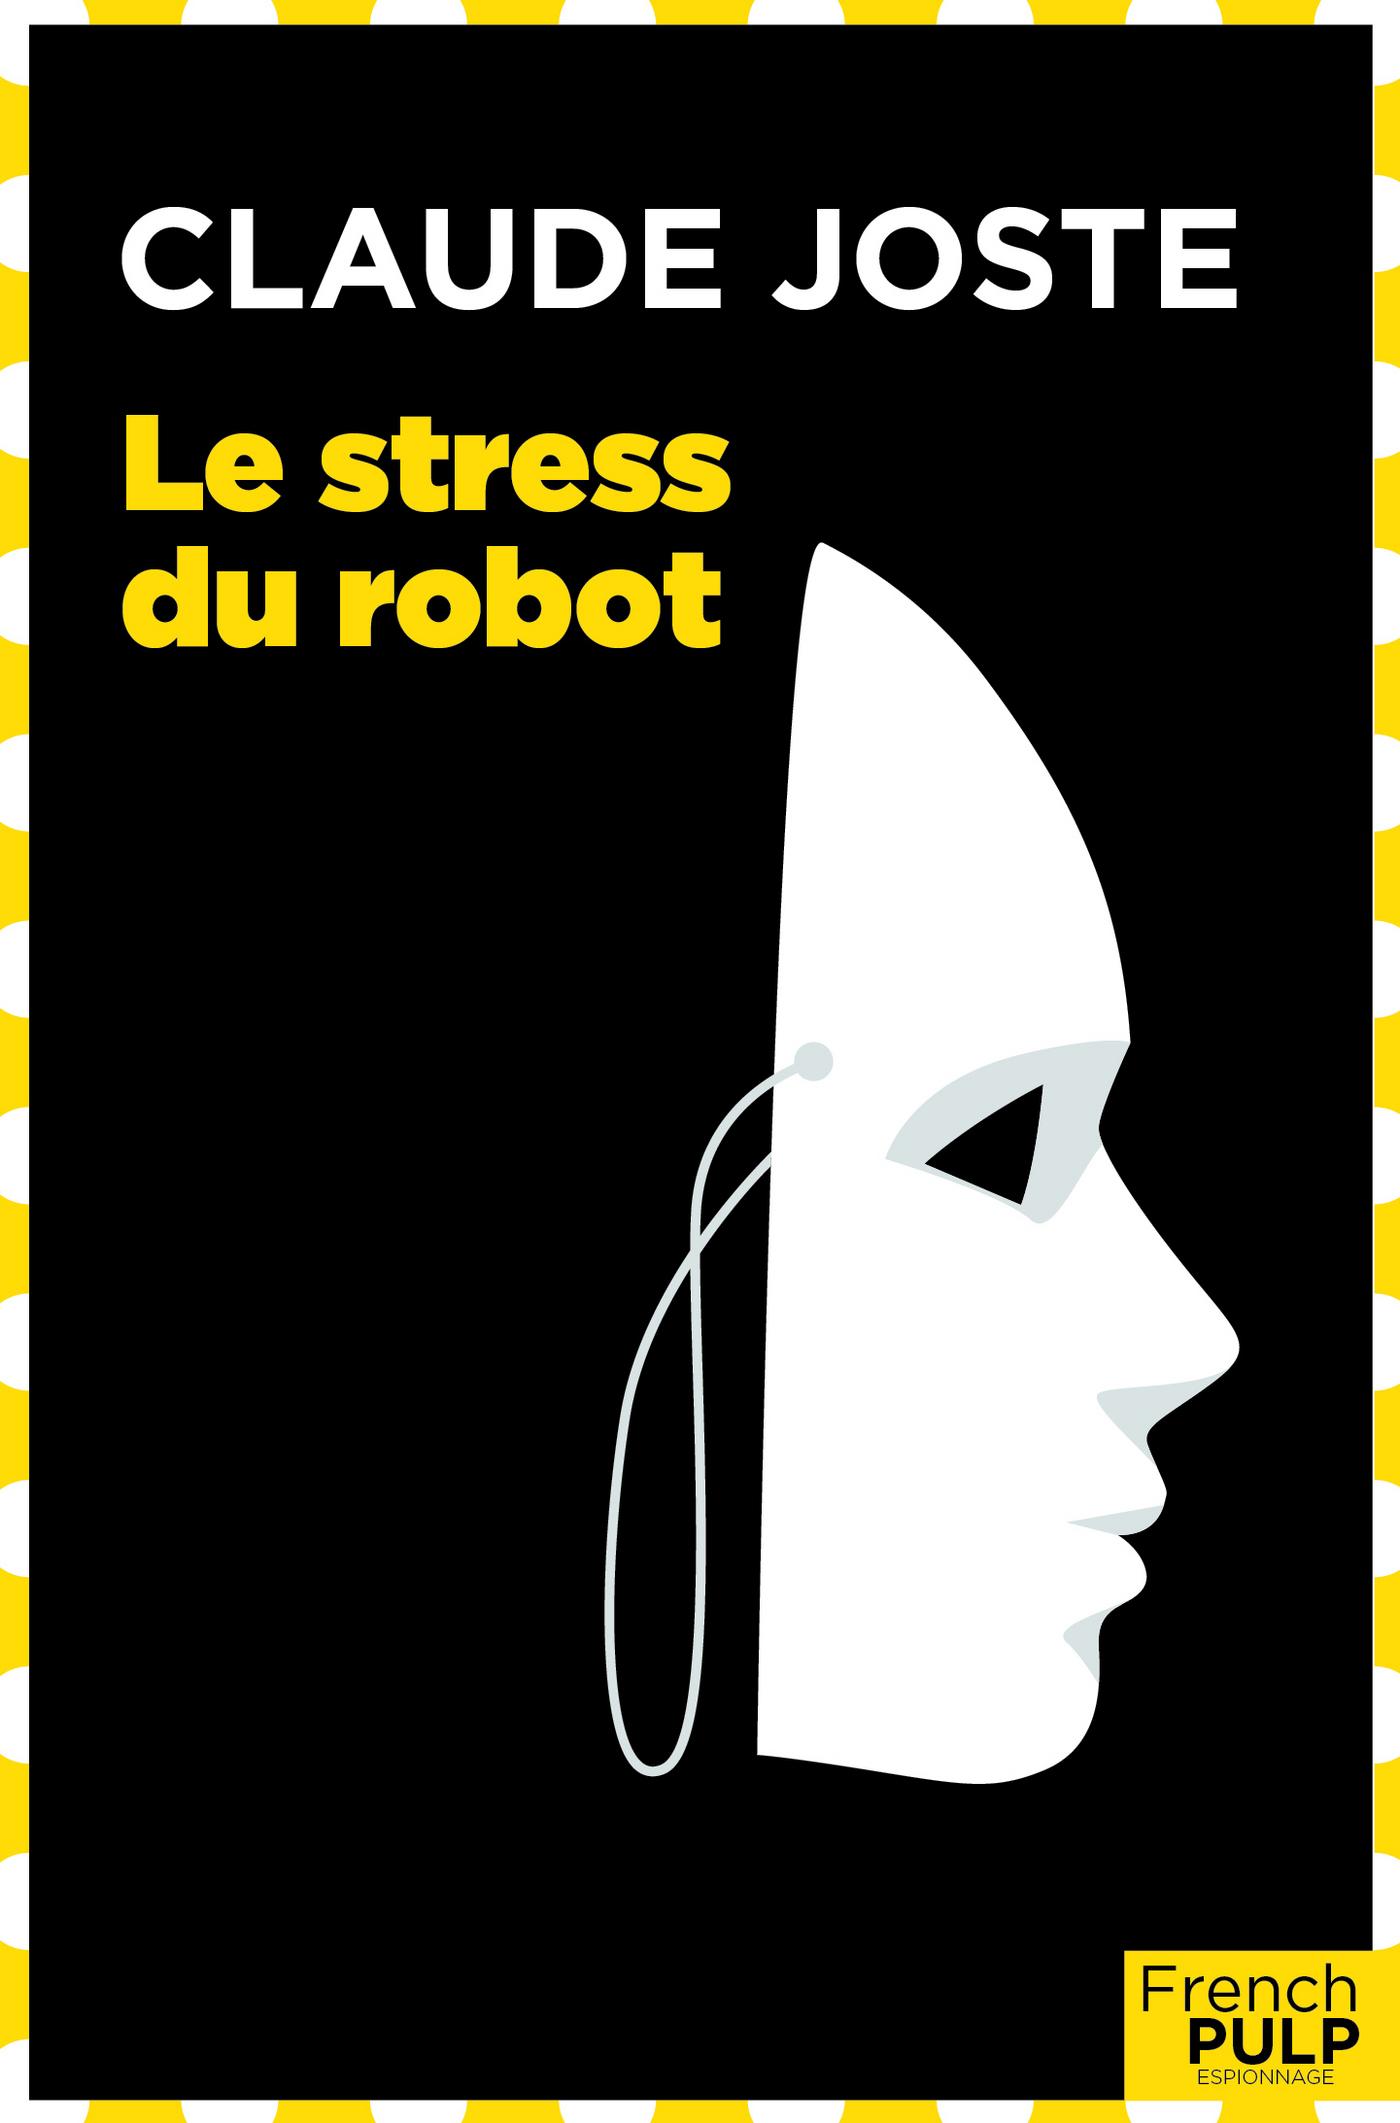 Le stress du robot